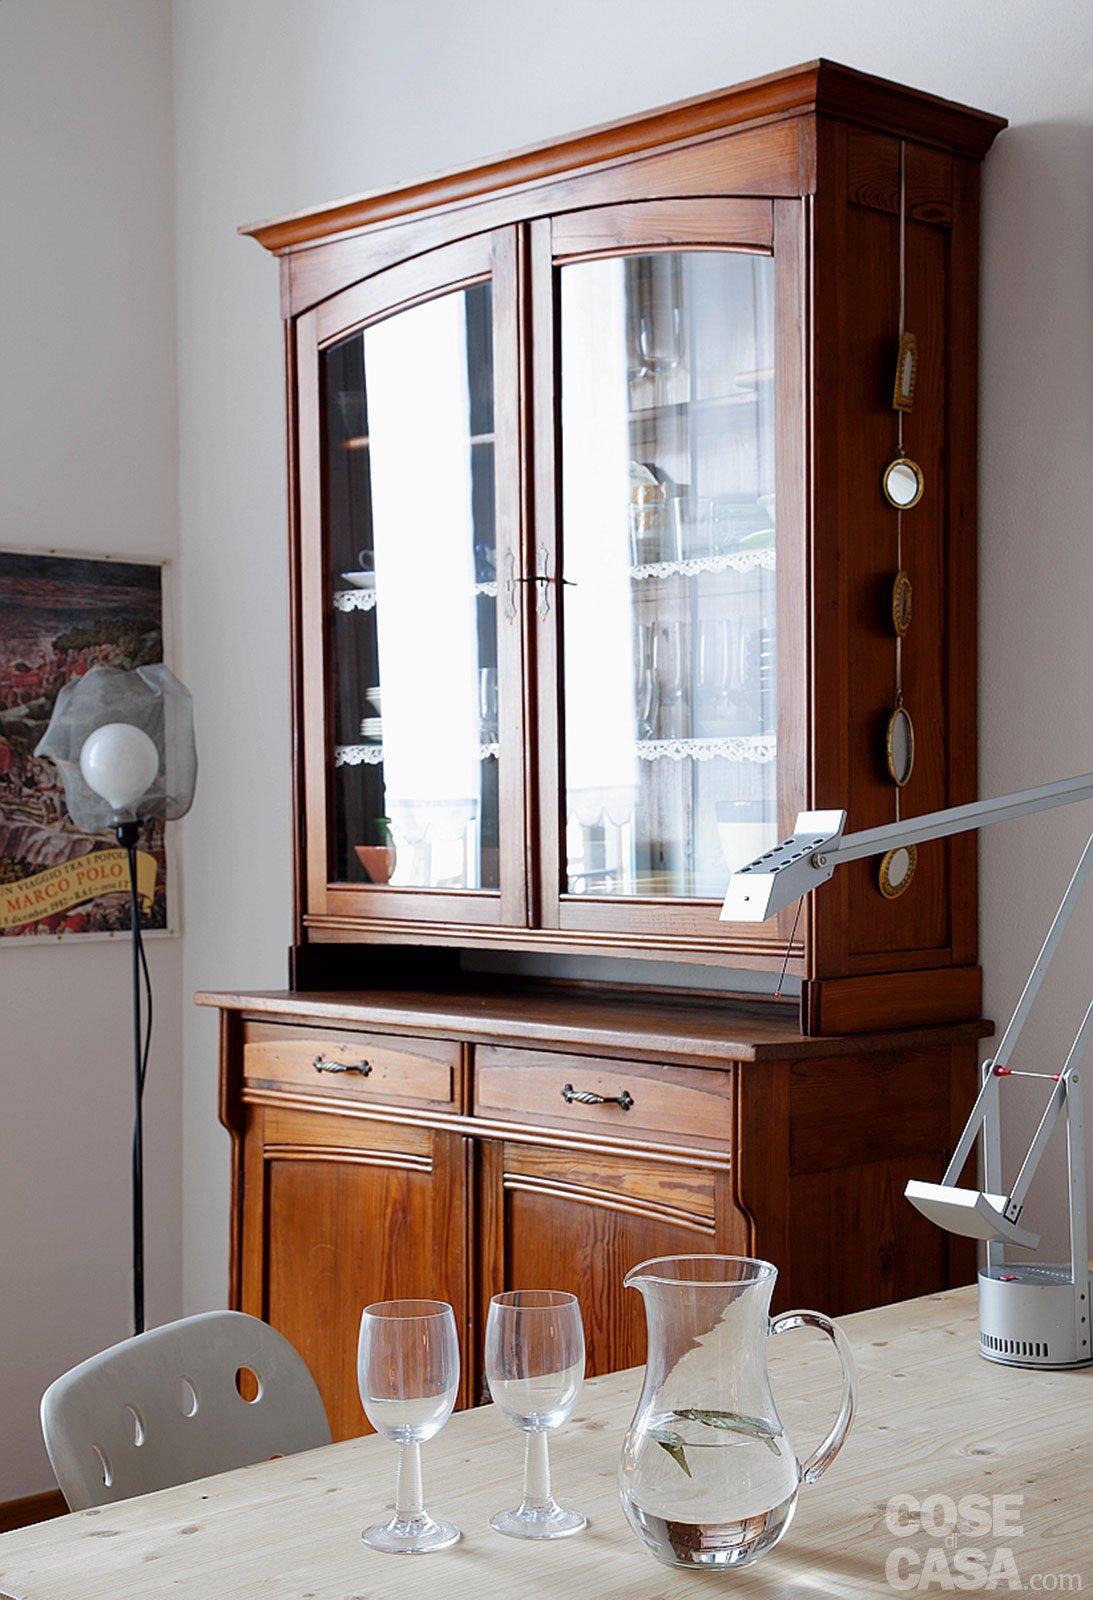 bilocale di 40 mq, una casa fai da te - cose di casa - Arredamento Piccolo Soggiorno Con Angolo Cottura 2